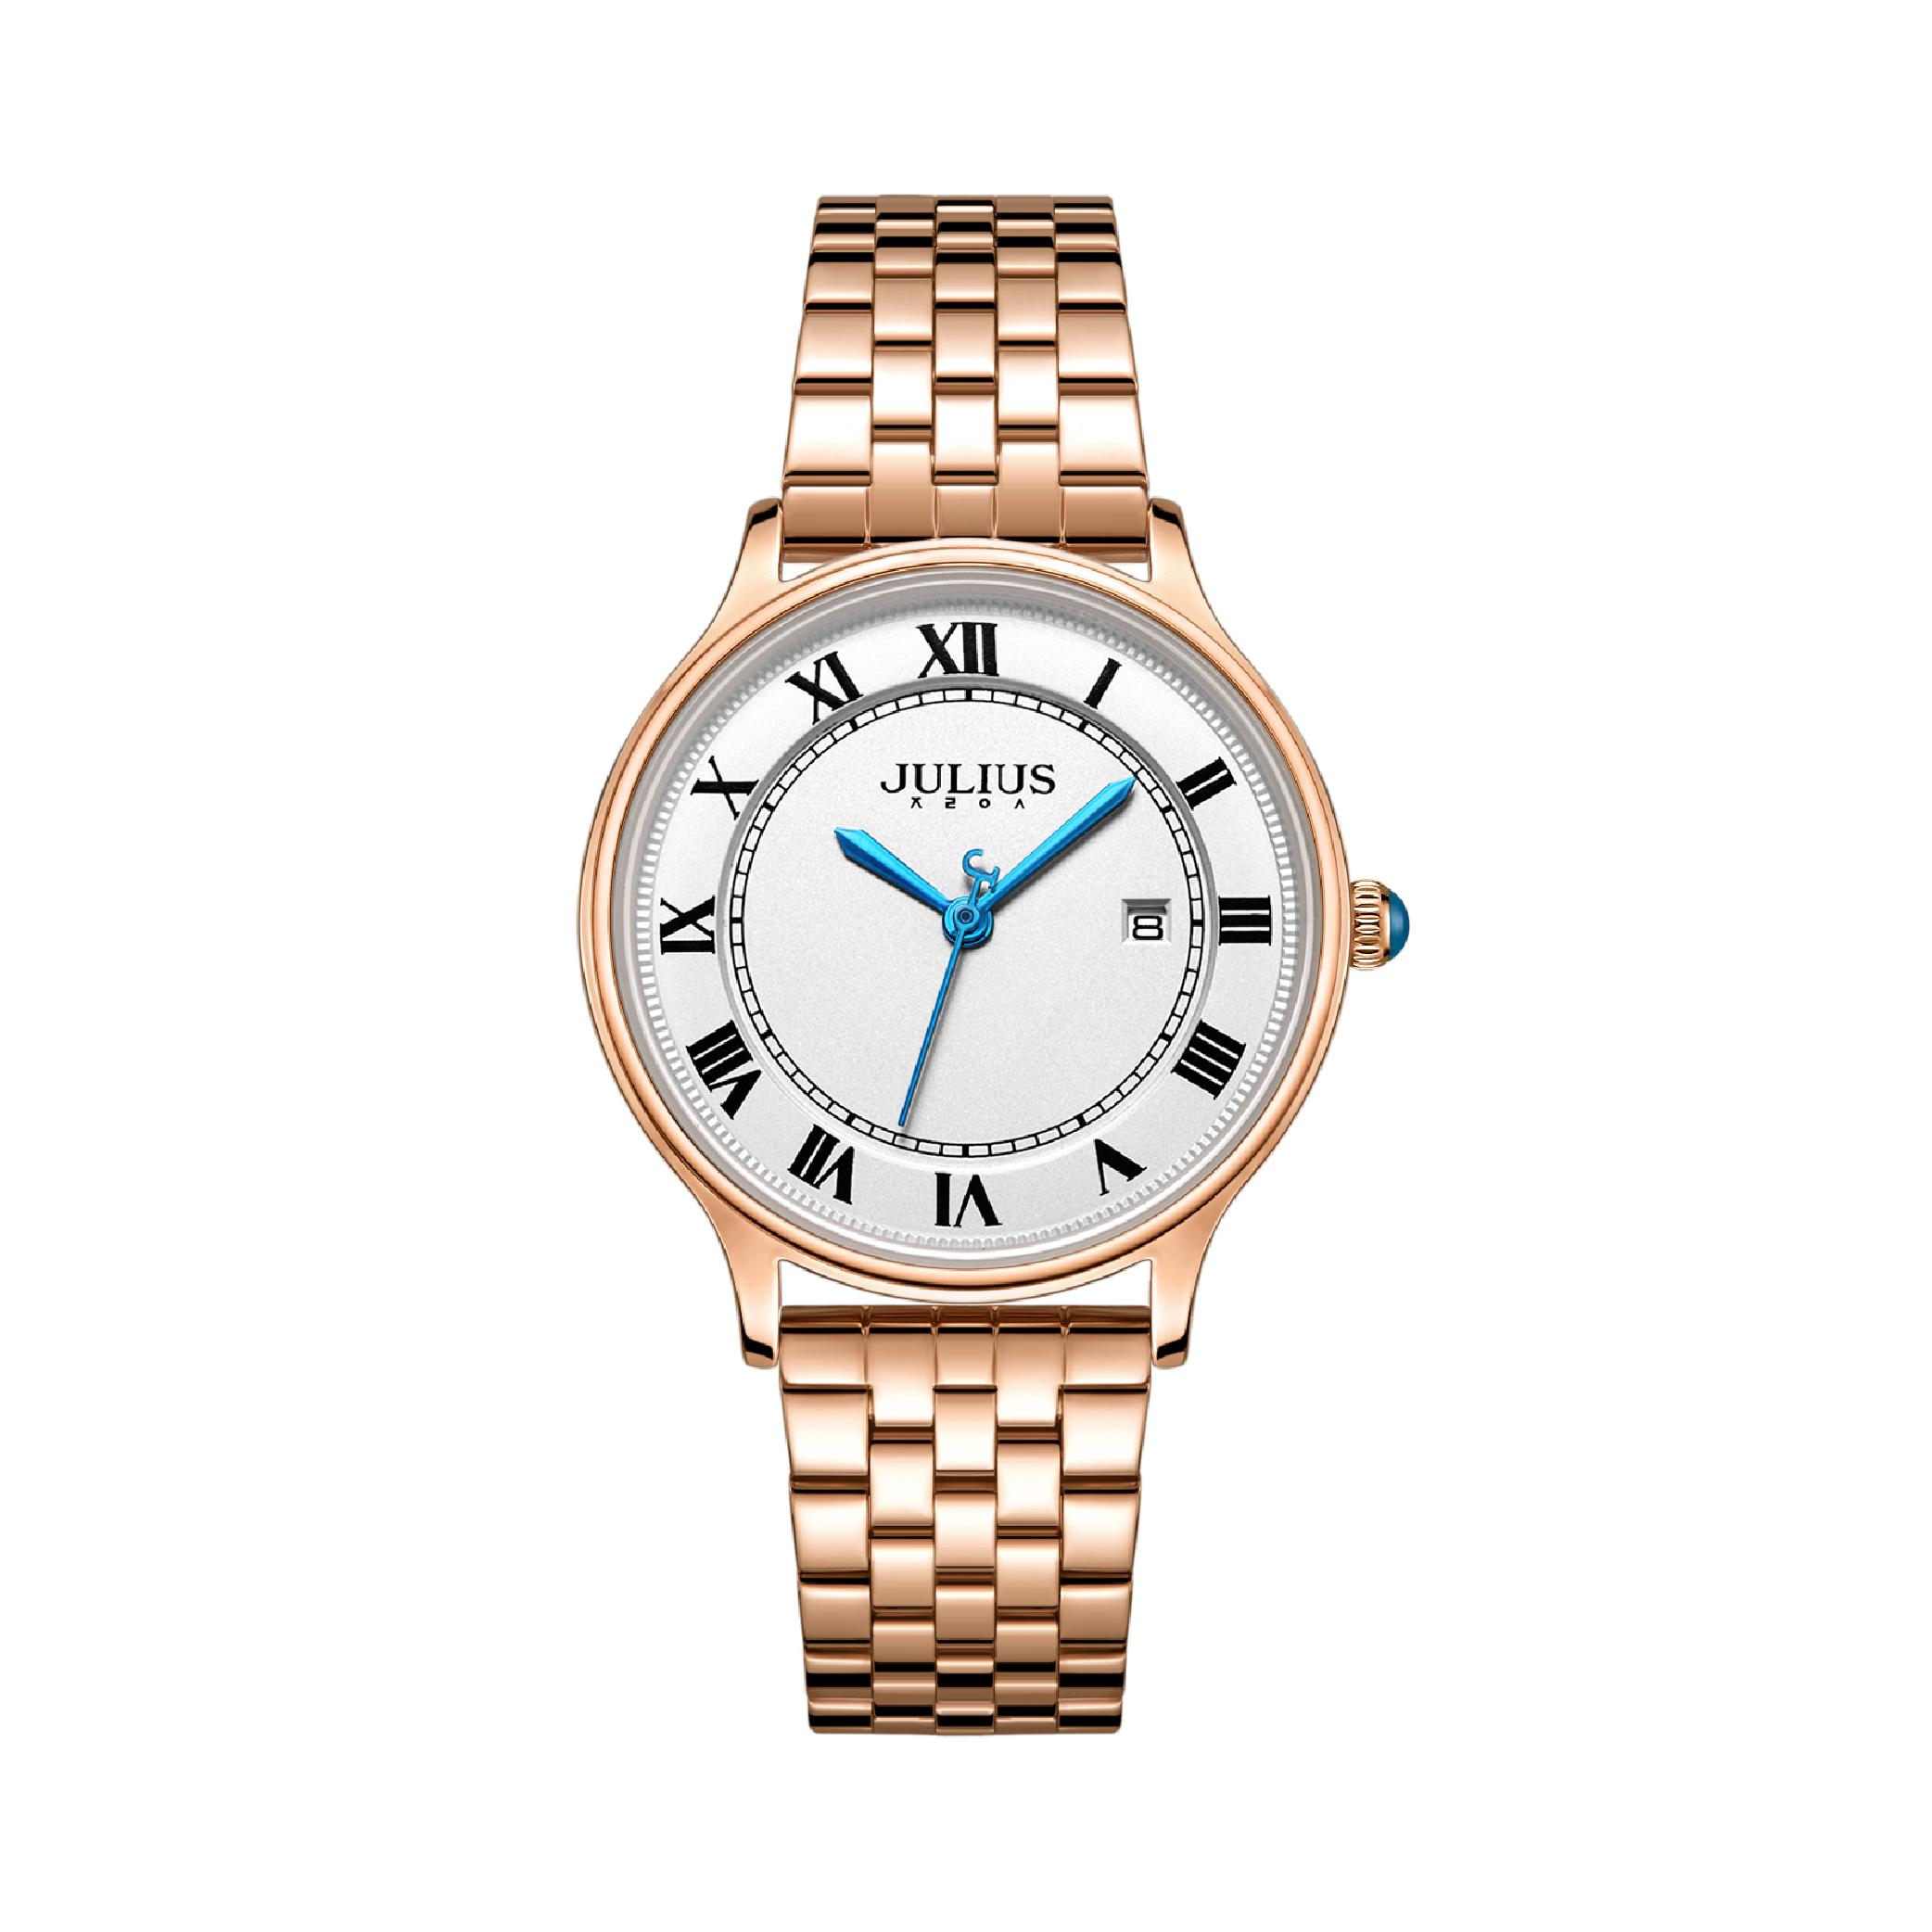 นาฬิกาข้อมือผู้หญิง JULIUS JA-1303 B